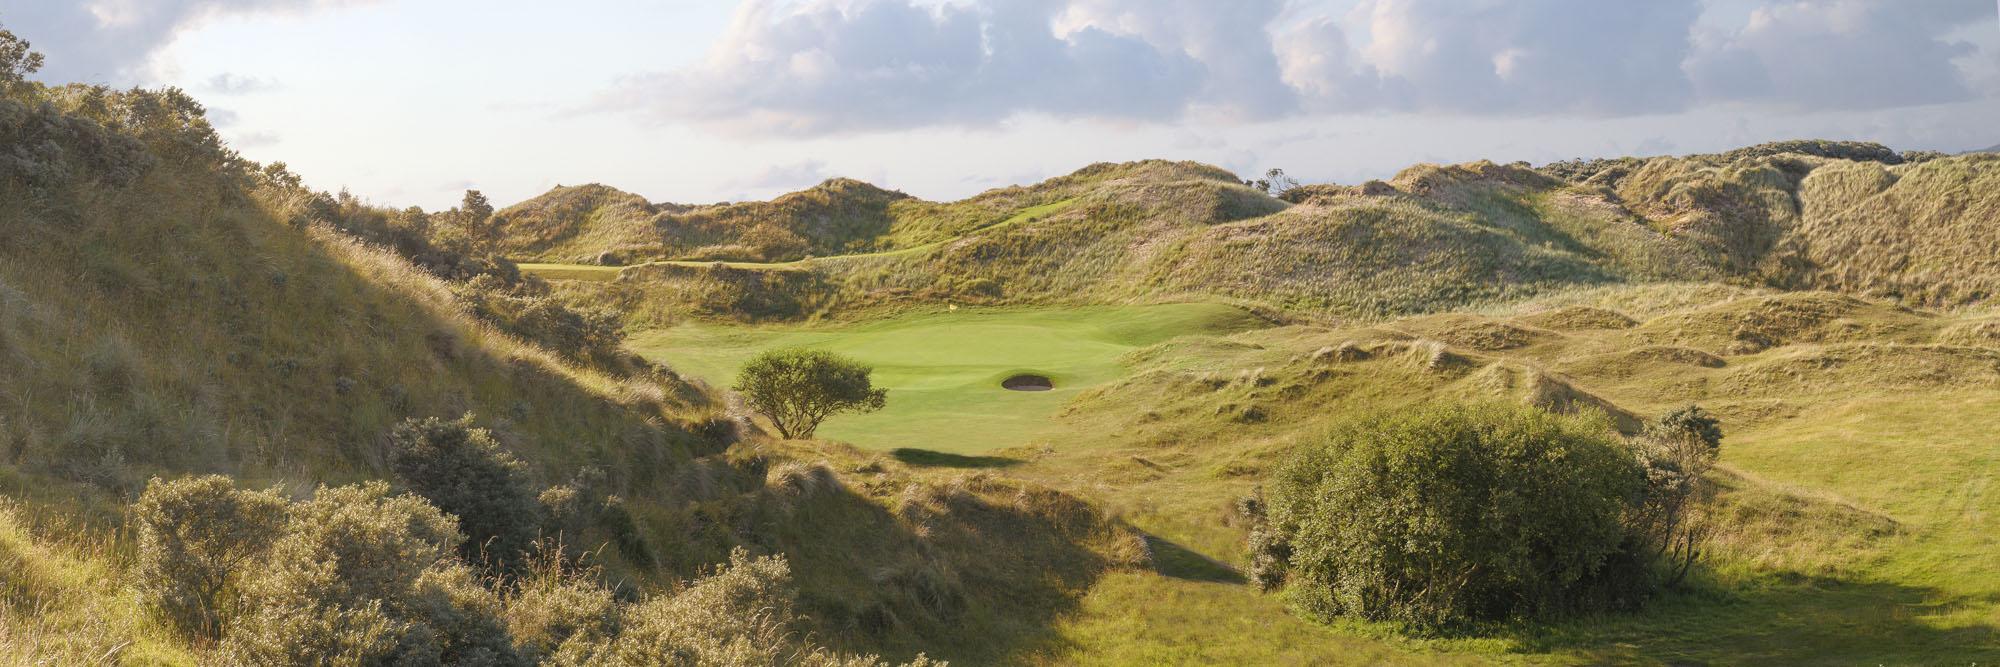 Golf Course Image - Portstewart No. 3